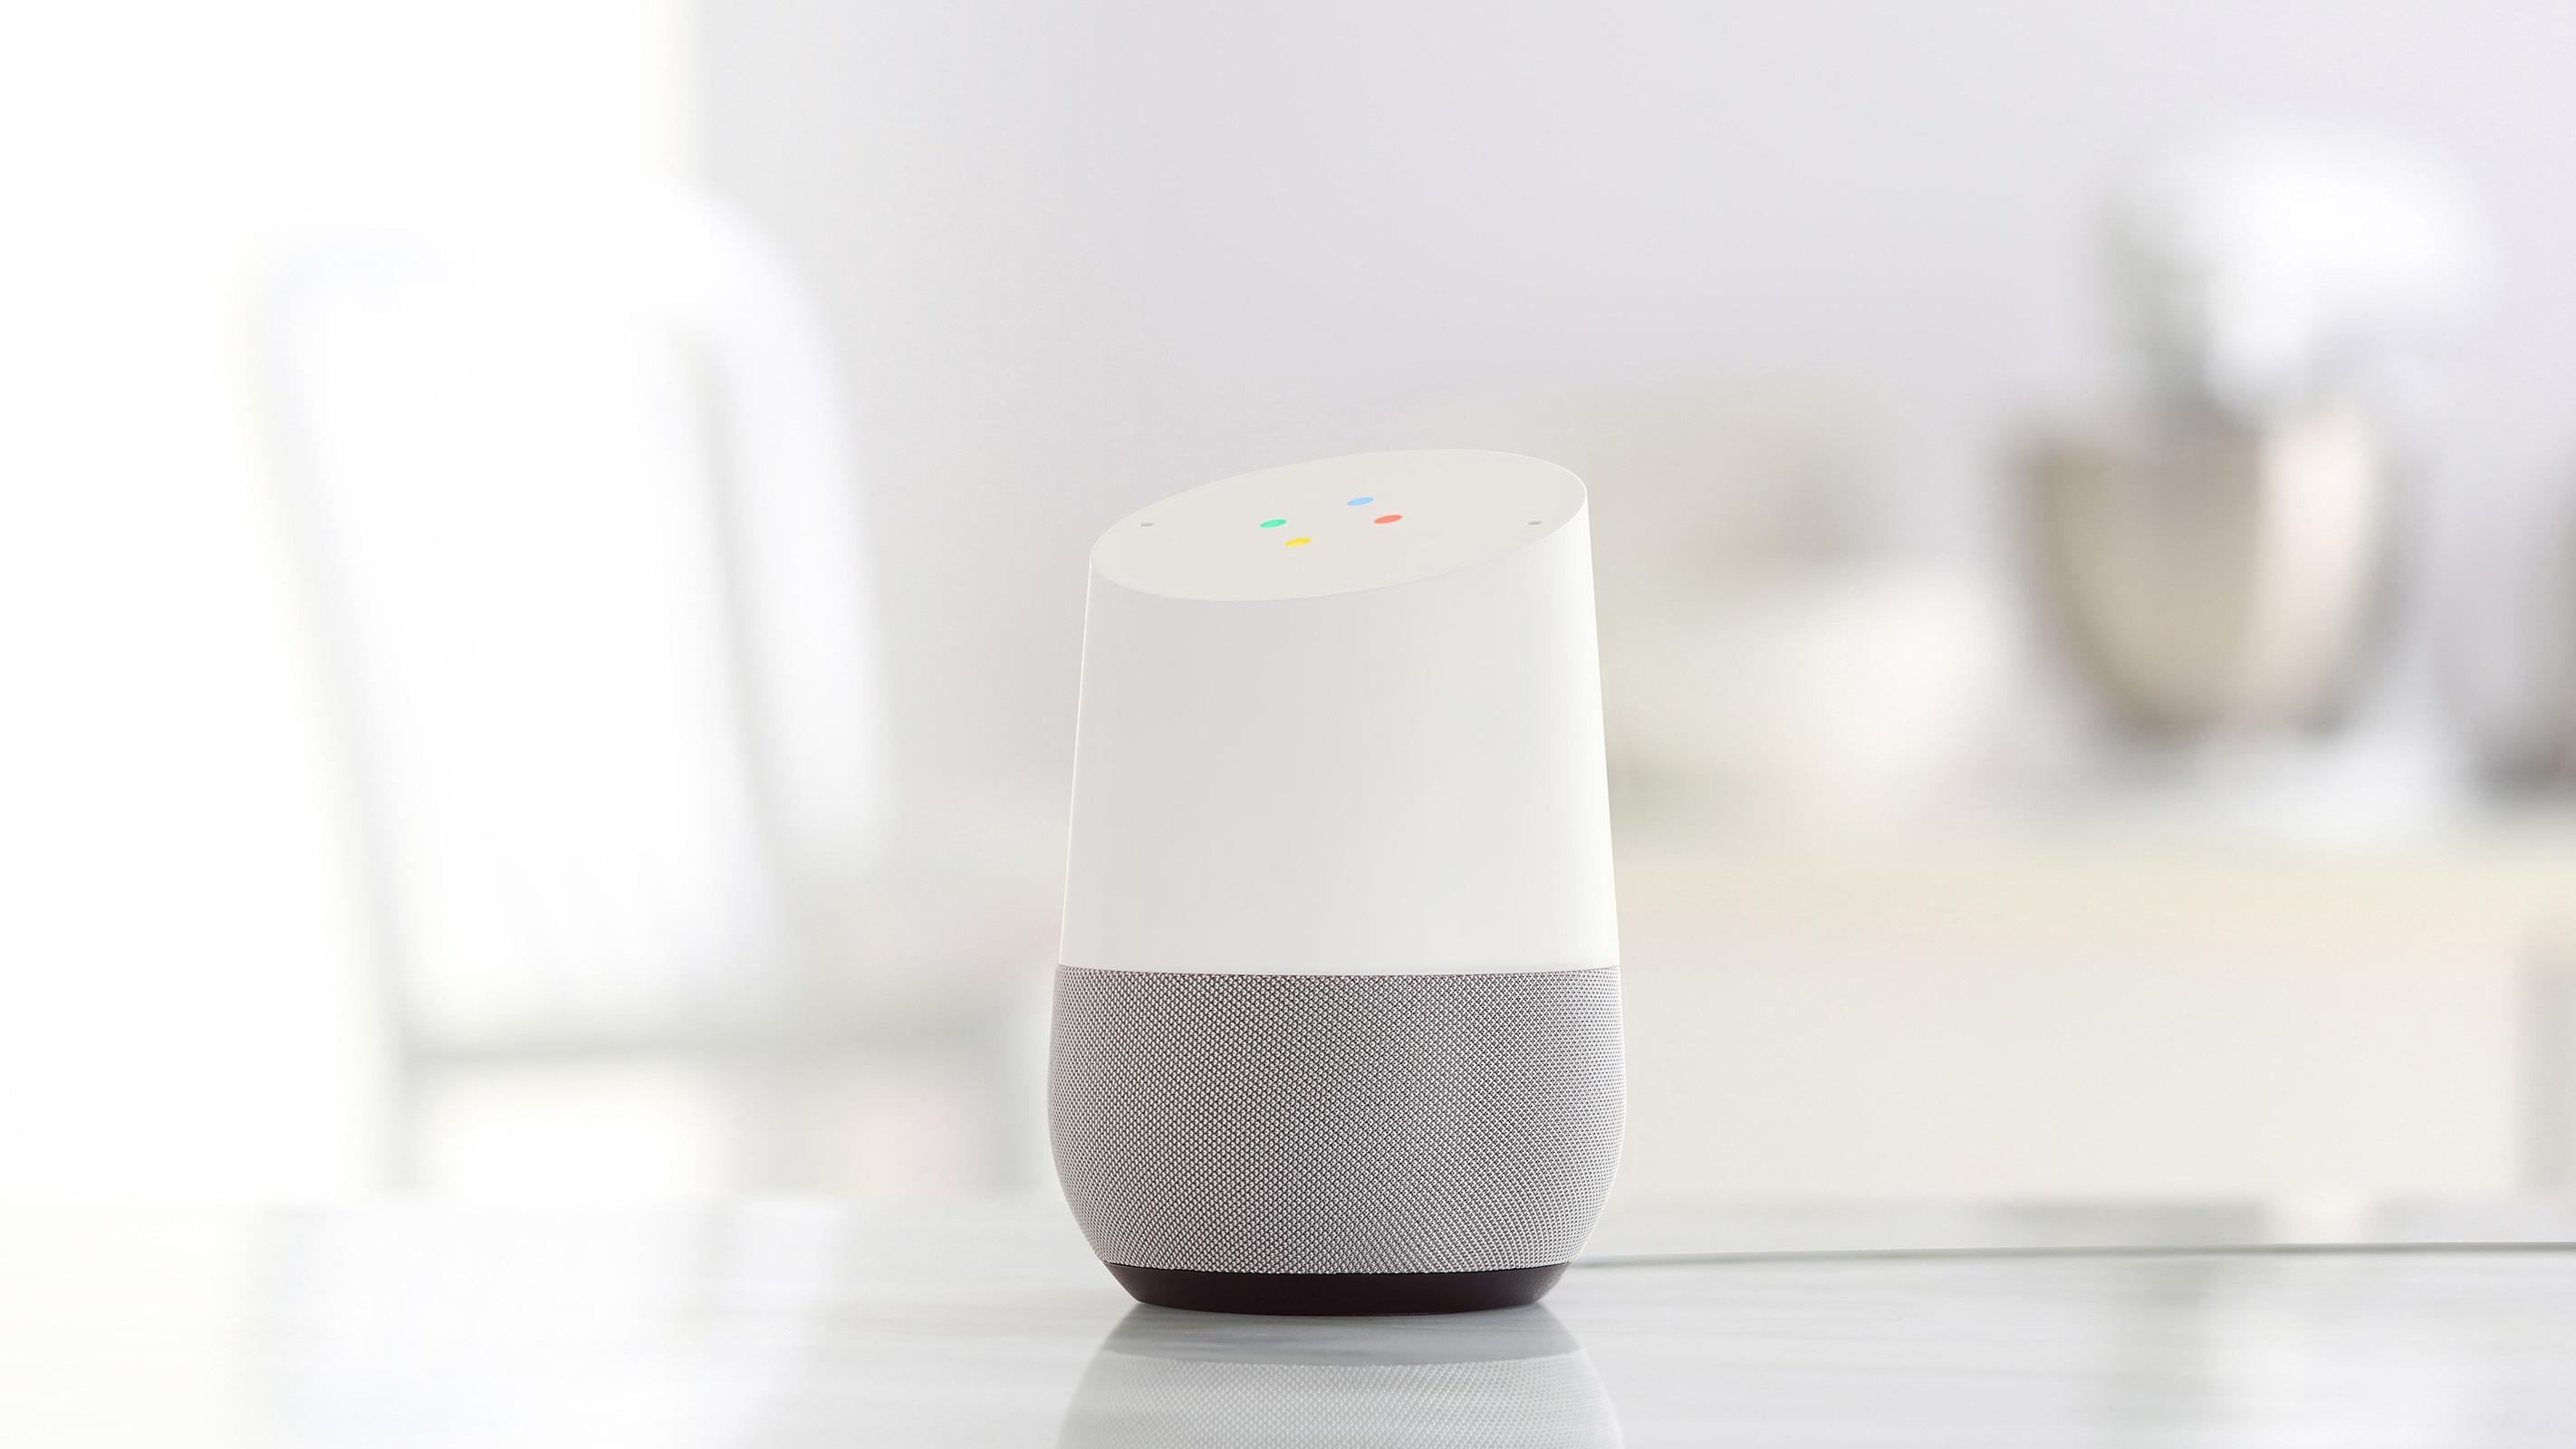 Google Home Mit Google Home Und Smarten Lampen Kann Man Das Licht Im  Wahrsten Sinne Anschreien U2026 Und Auch Wieder Aus // ©Google Inc.